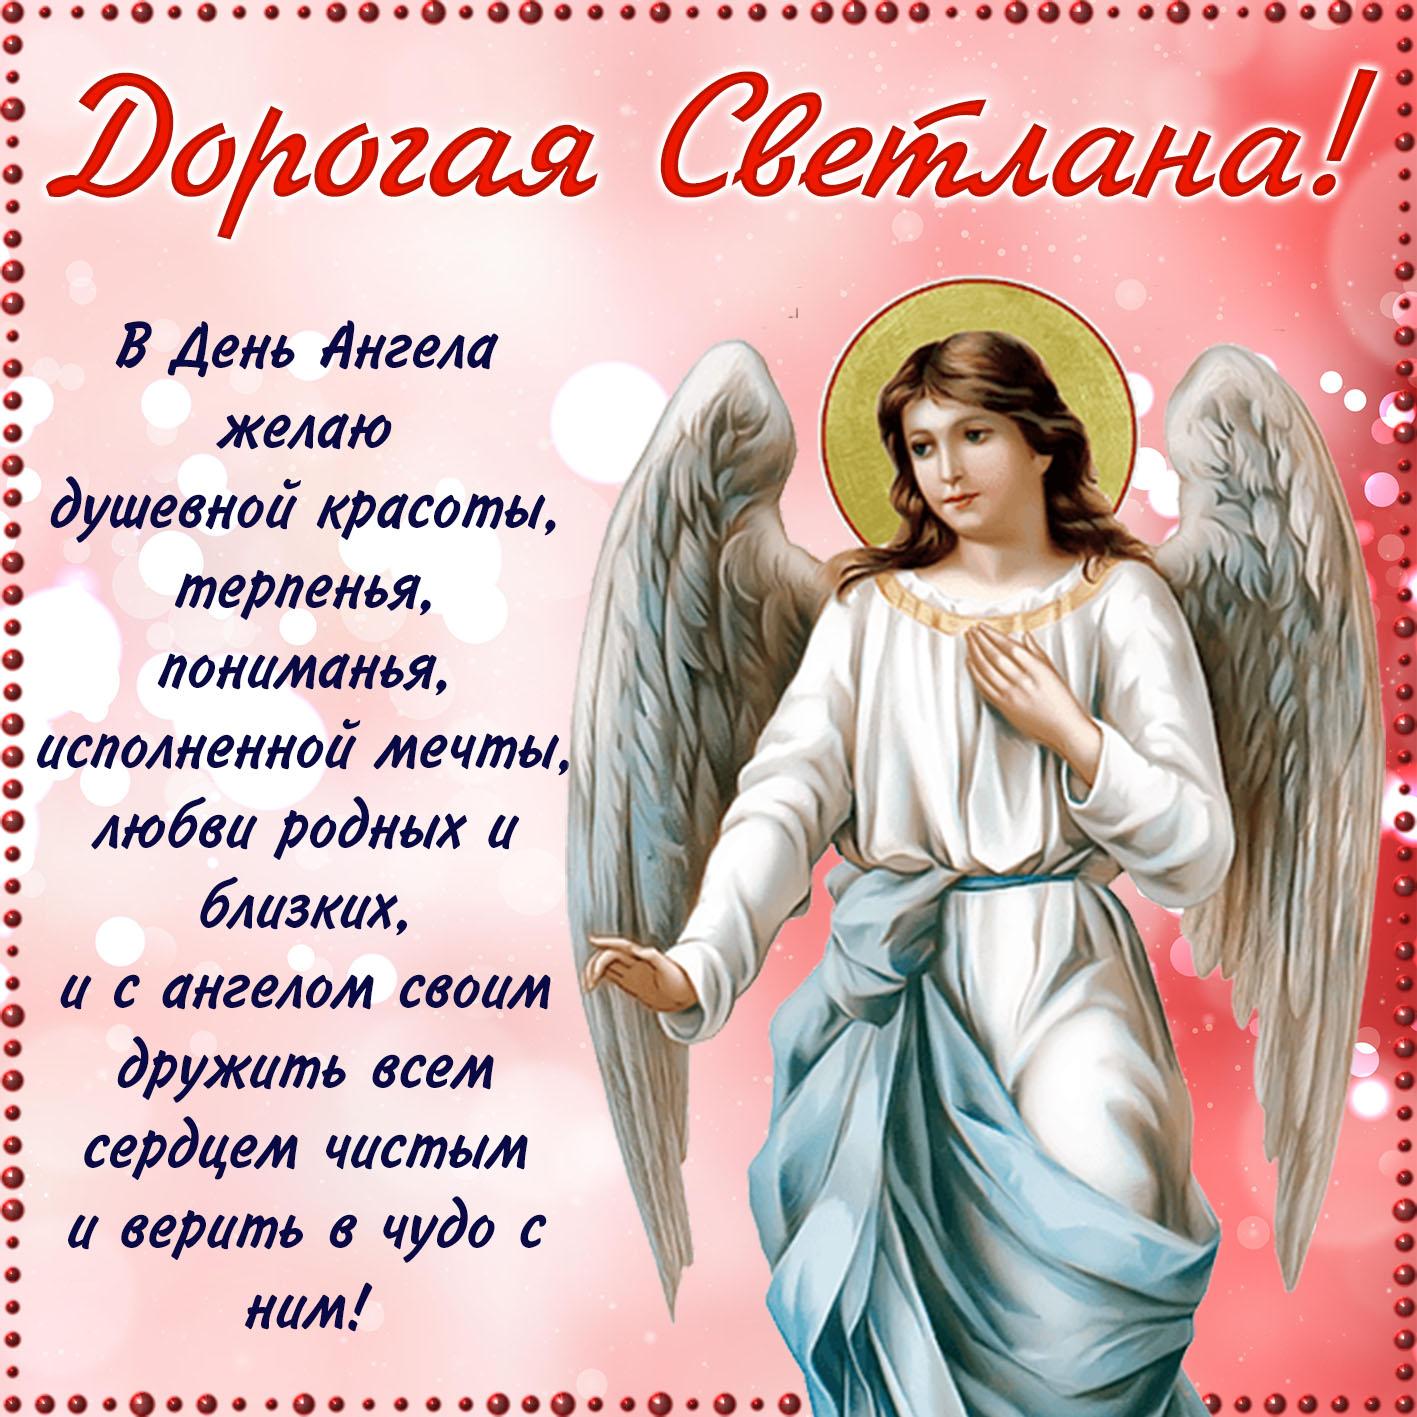 Поздравление, открытки на день ангела светланы